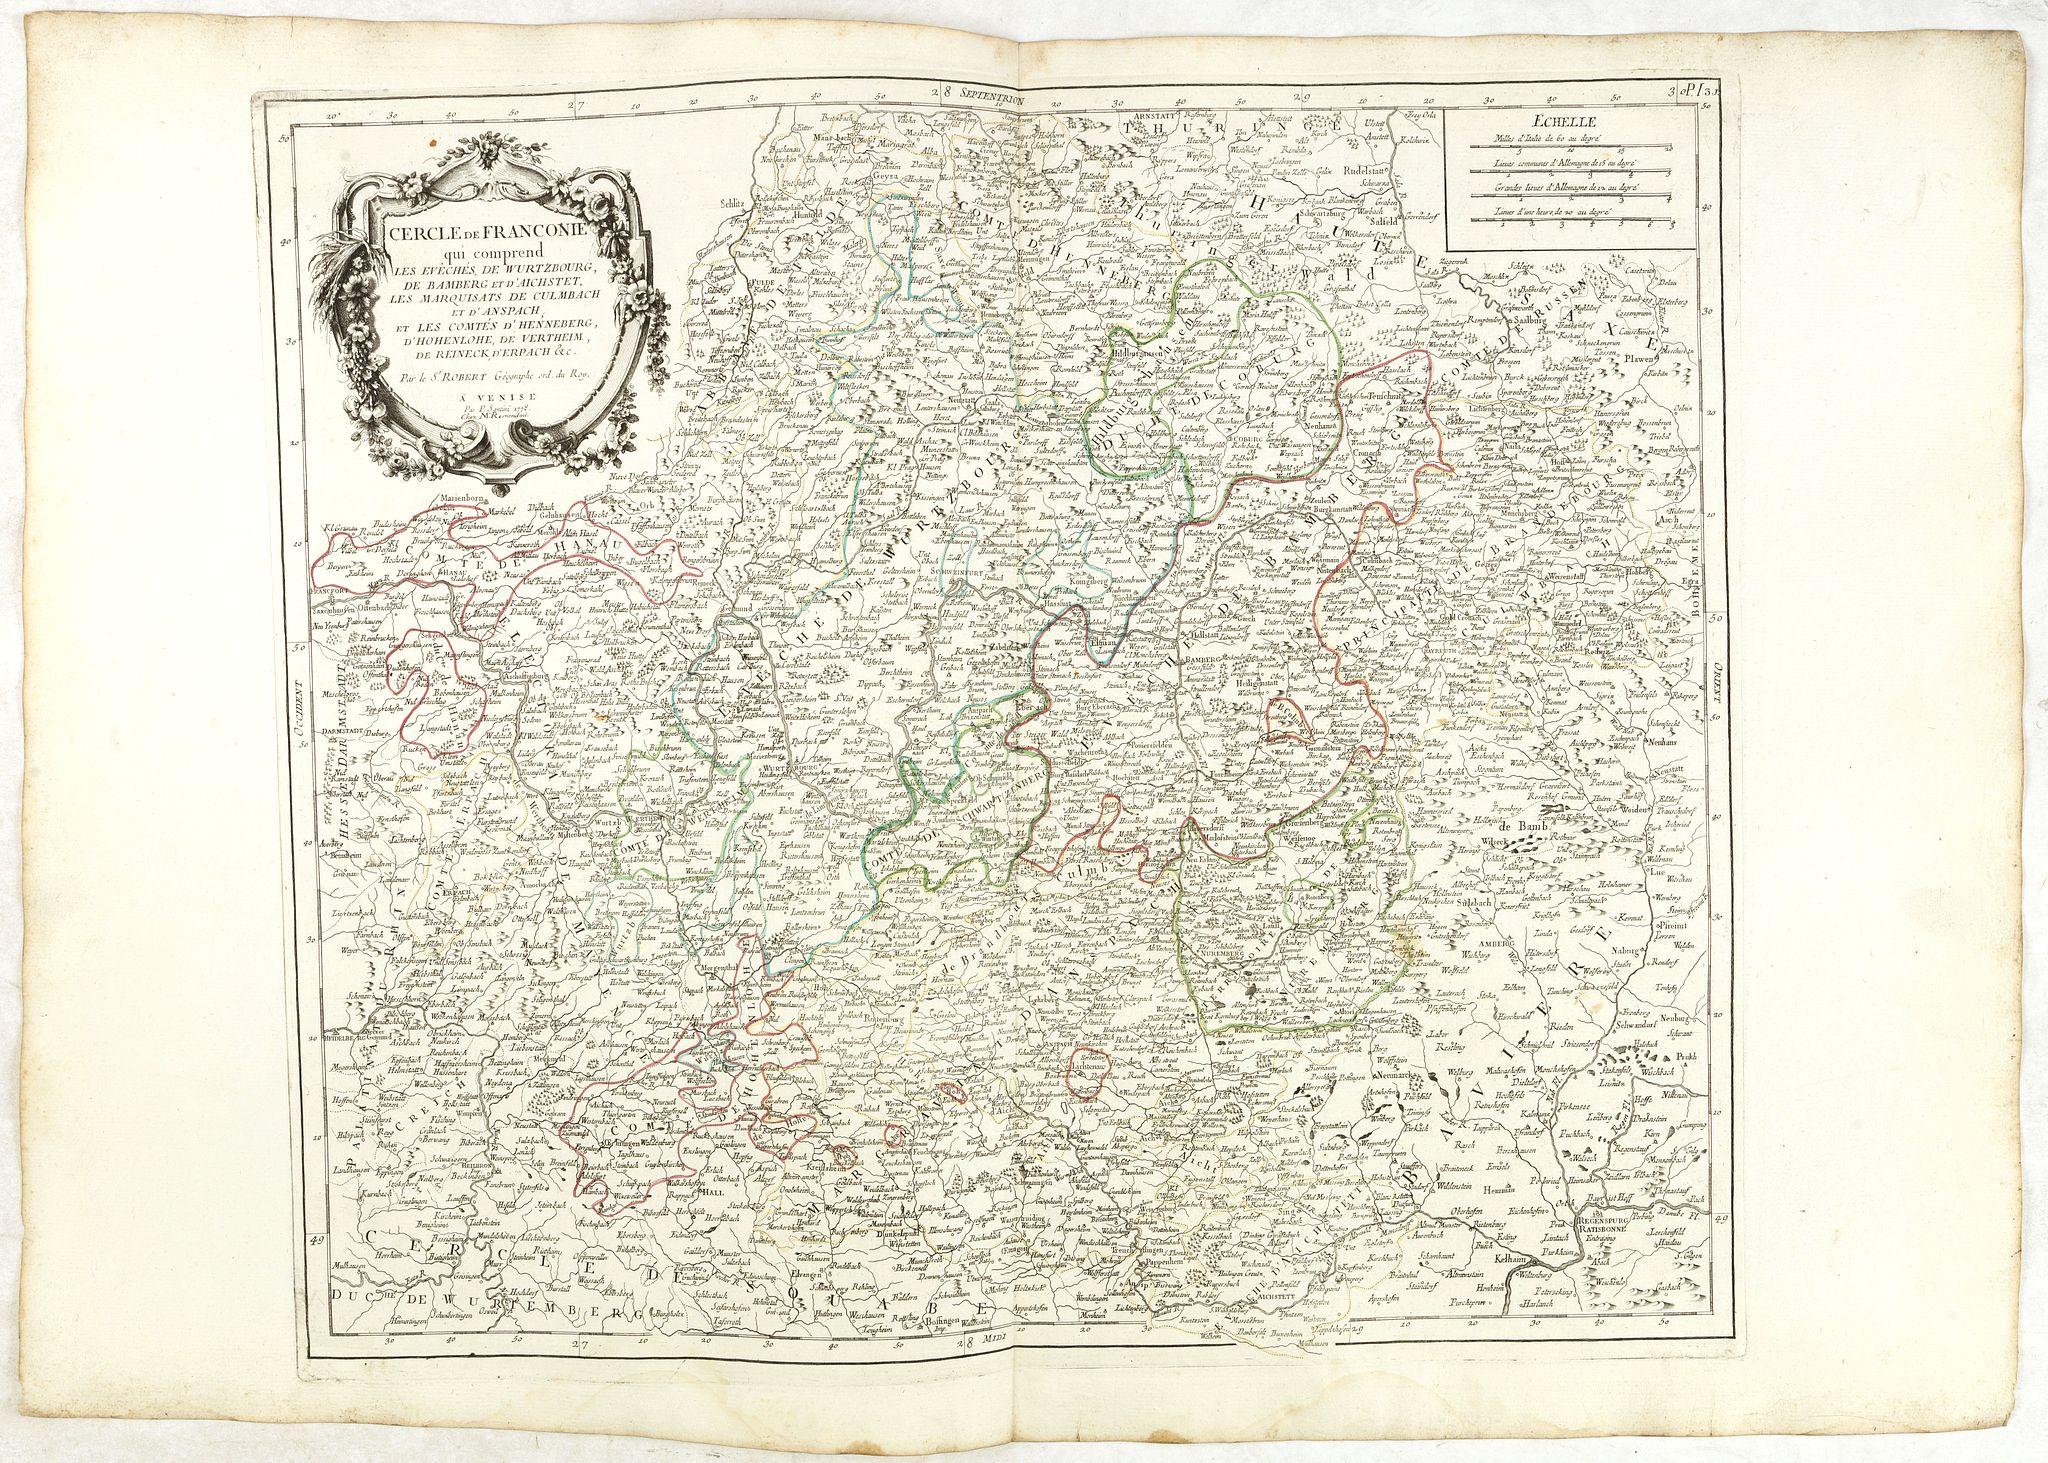 SANTINI, P. / REMONDINI, M. -  Cercle de Franconie.. Reineck d' Erpach.